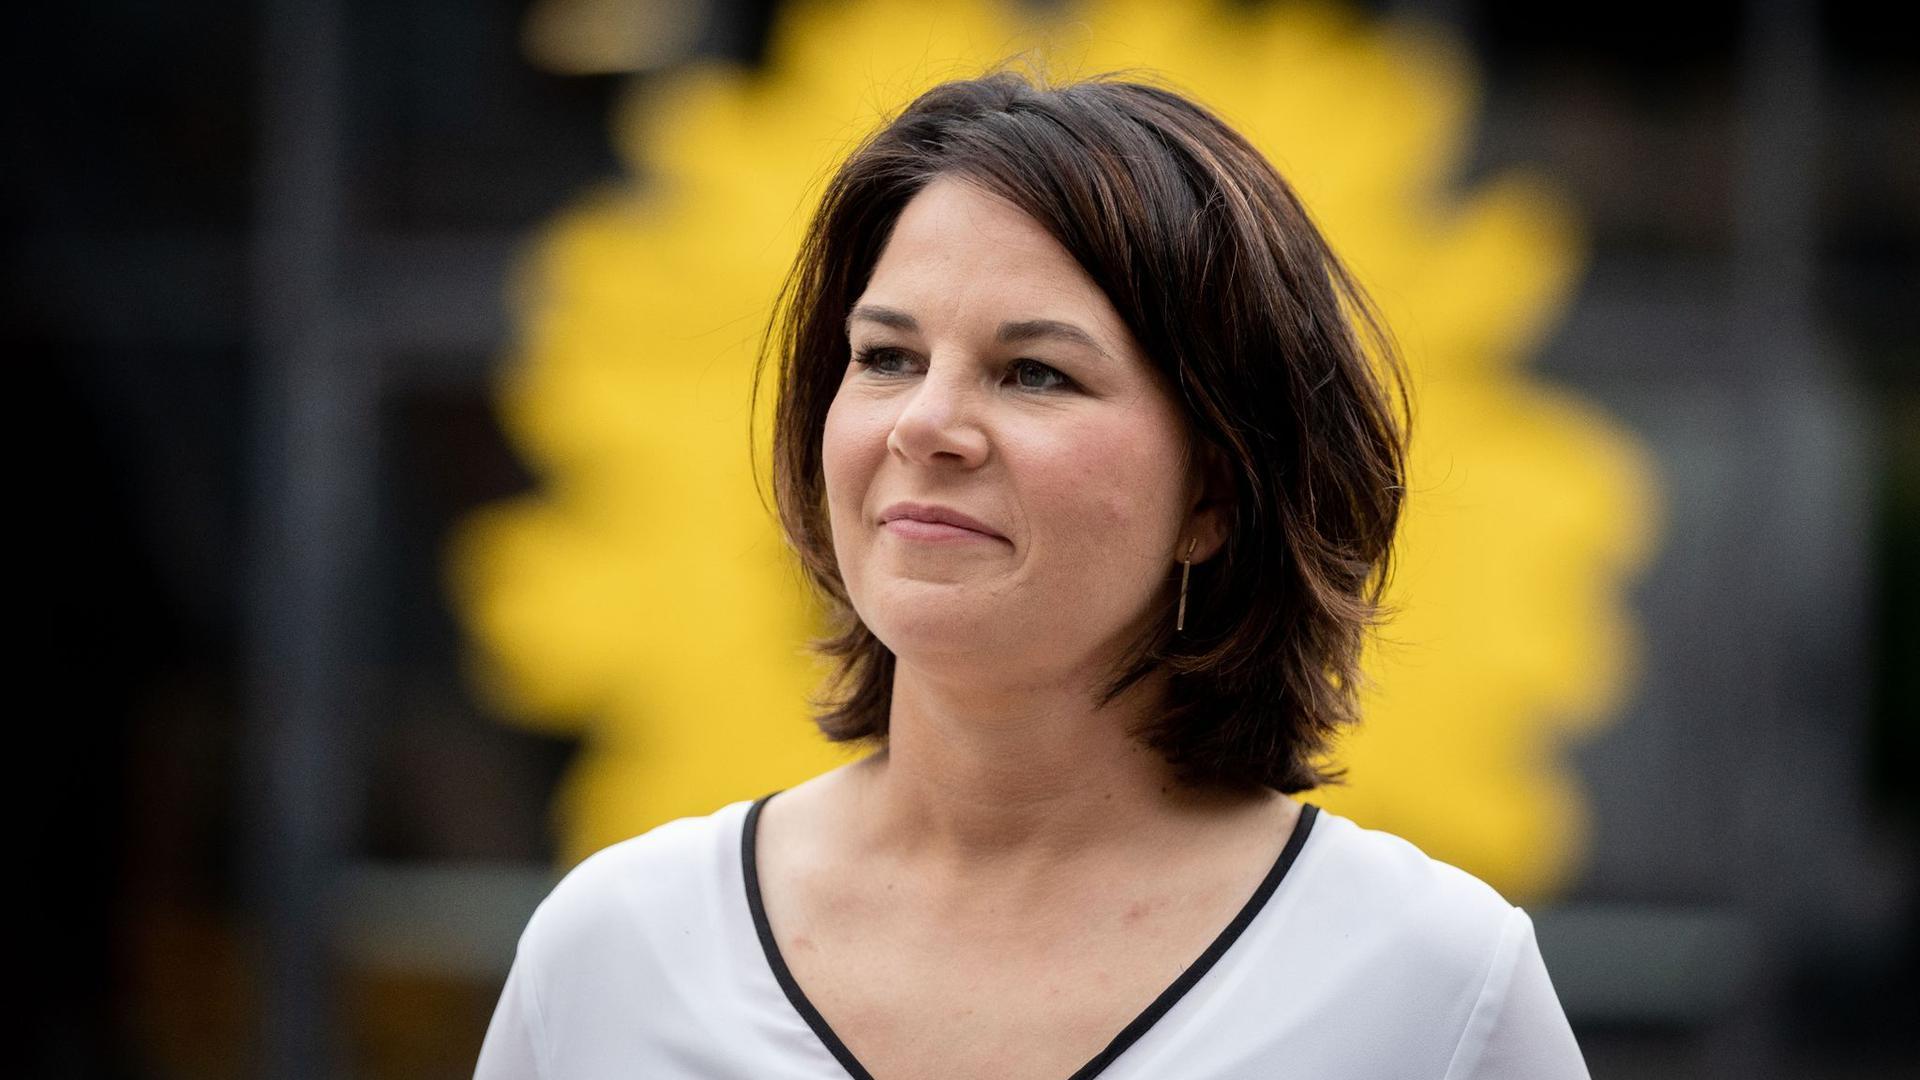 Annalena Baerbock, Kanzlerkandidatin und Bundesvorsitzende von Bündnis 90/Die Grünen, gibt ein Interview vor der Bundesdelegiertenkonferenz ihrer Partei.